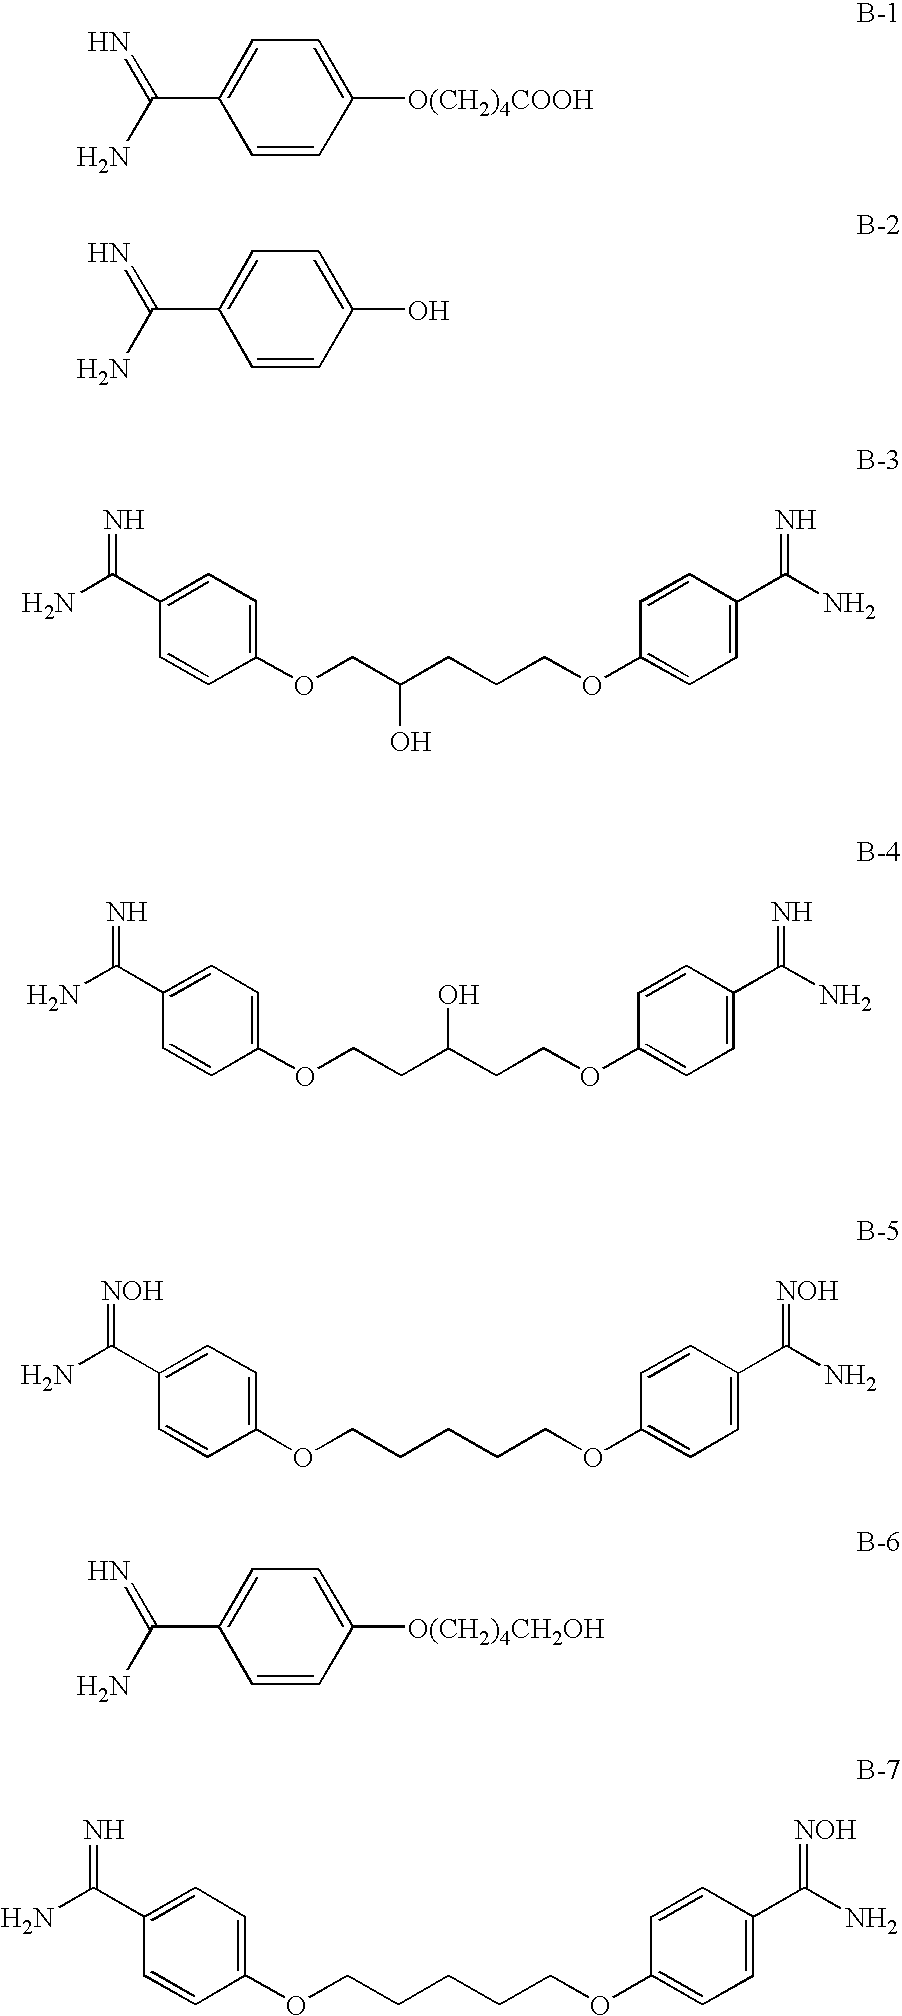 Figure US20070299043A1-20071227-C00139